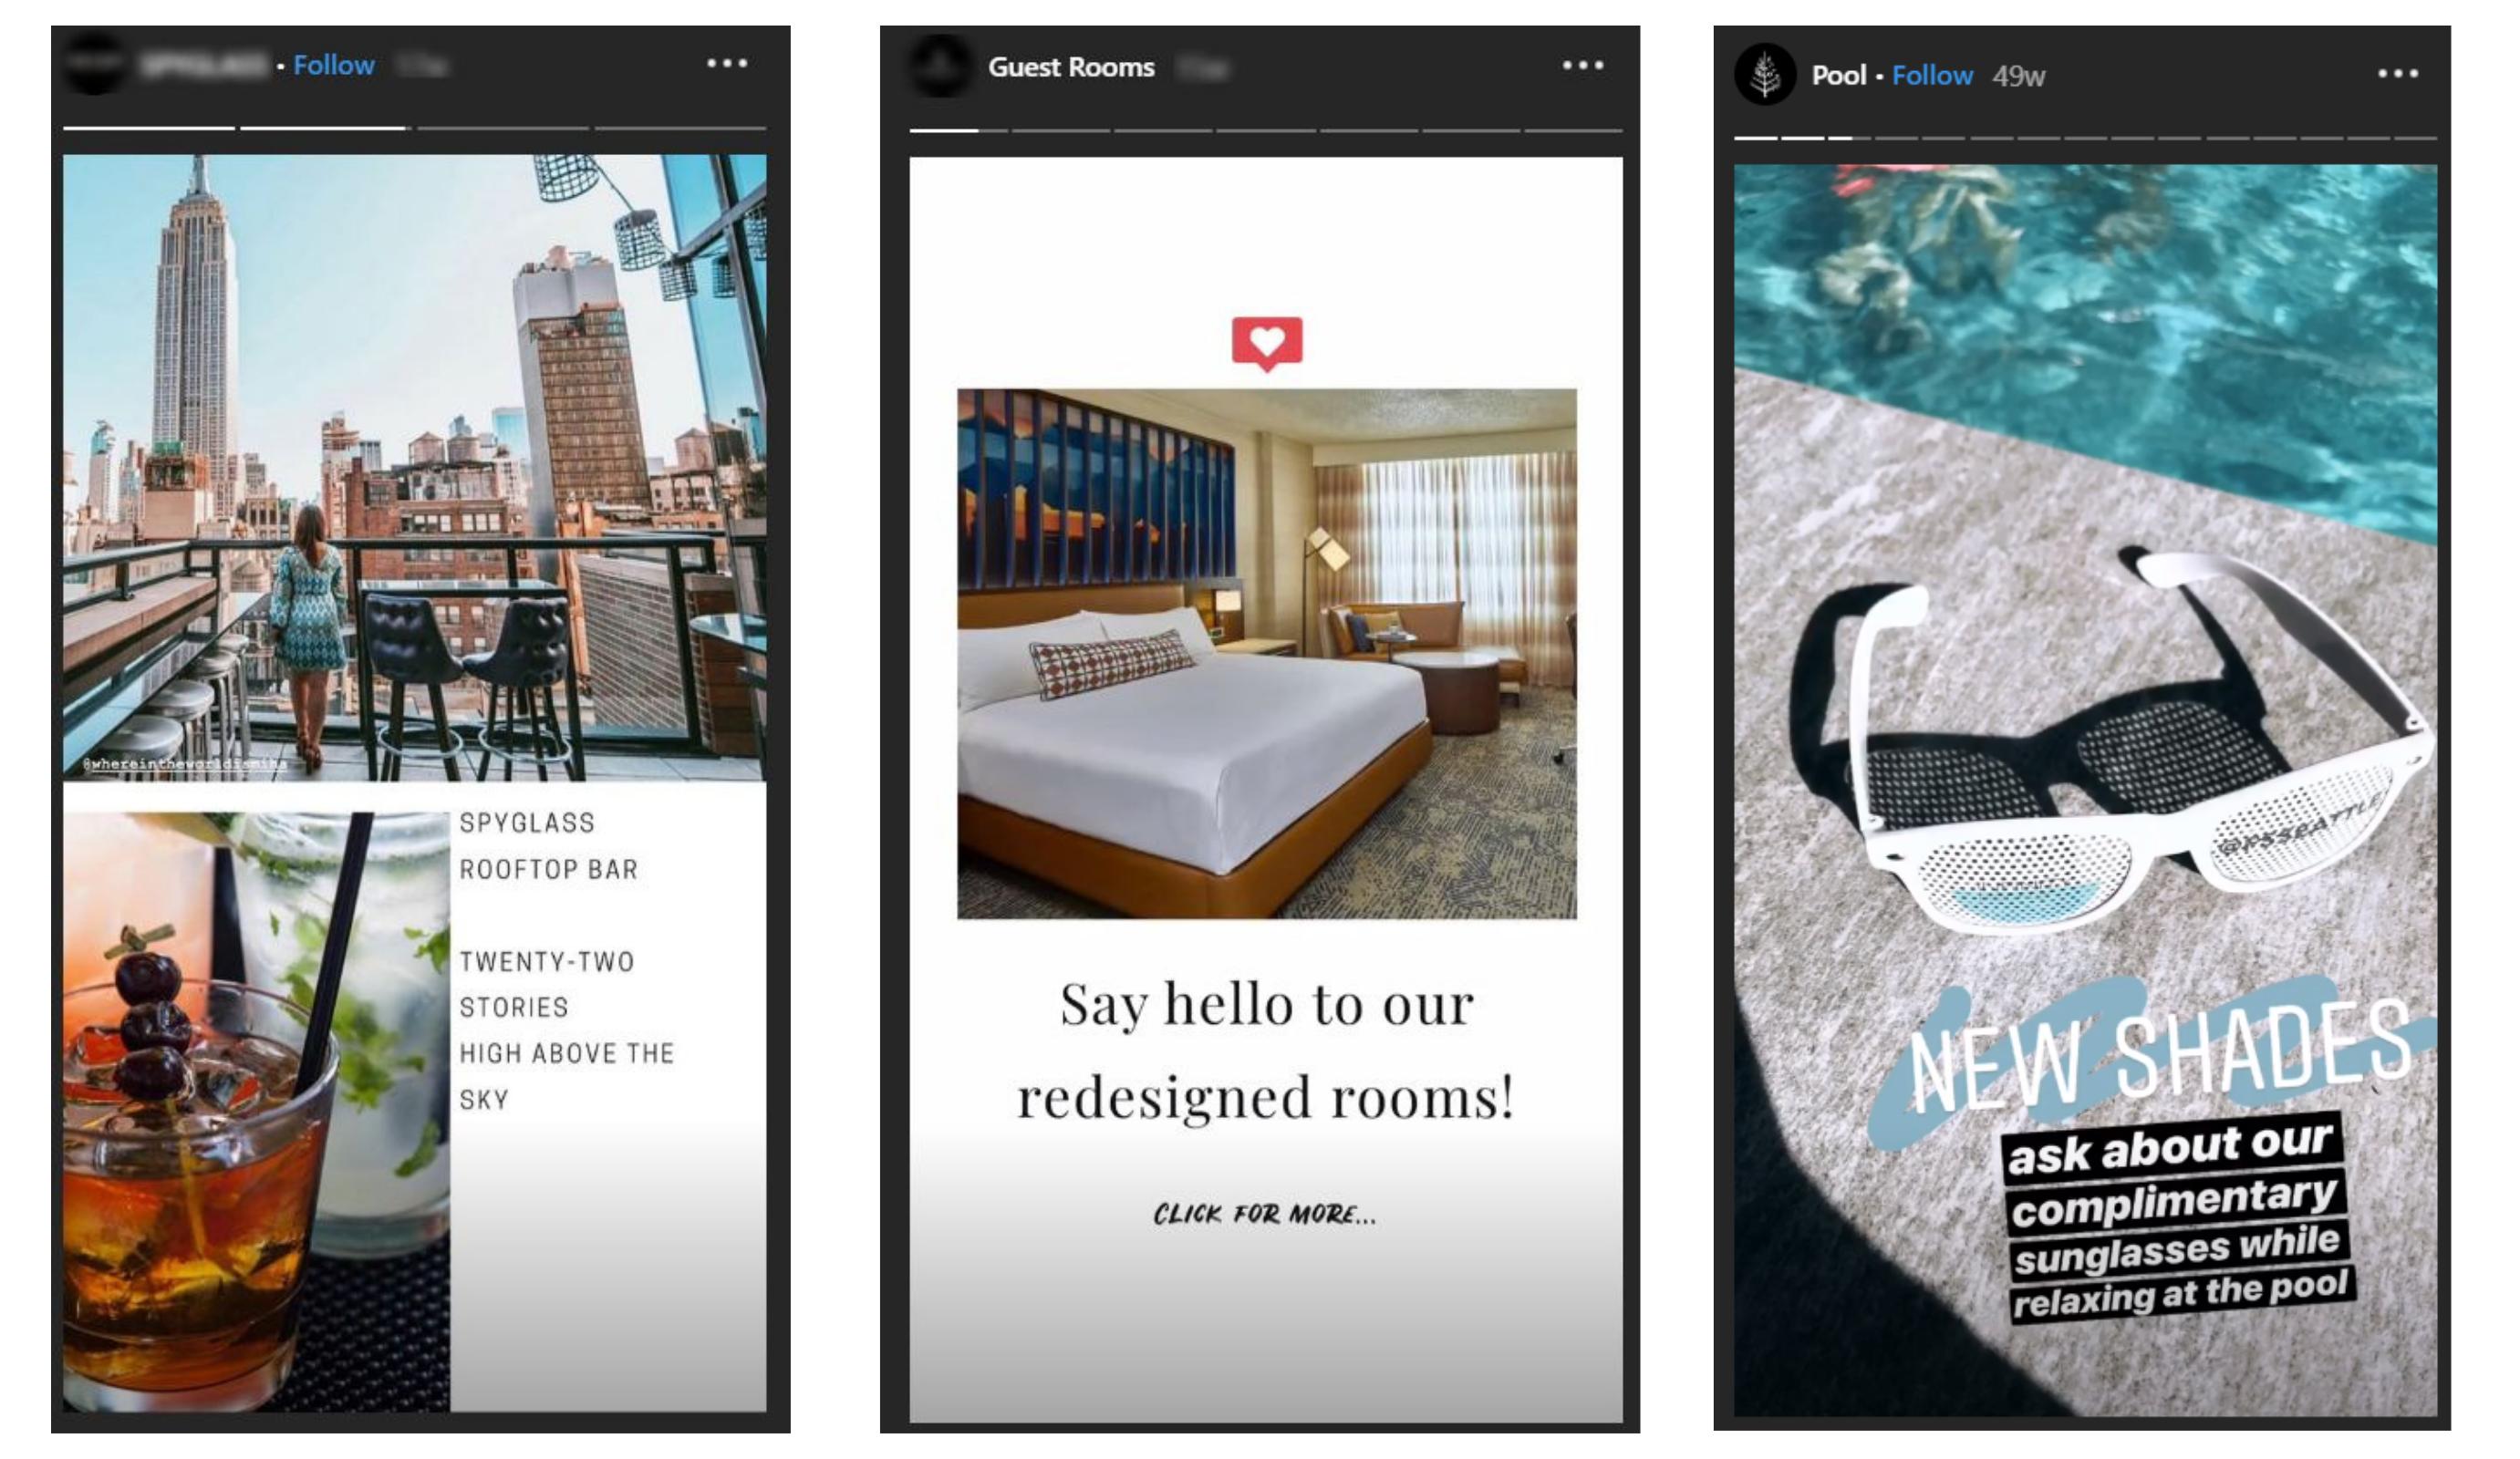 hotel examples branding instagram stories